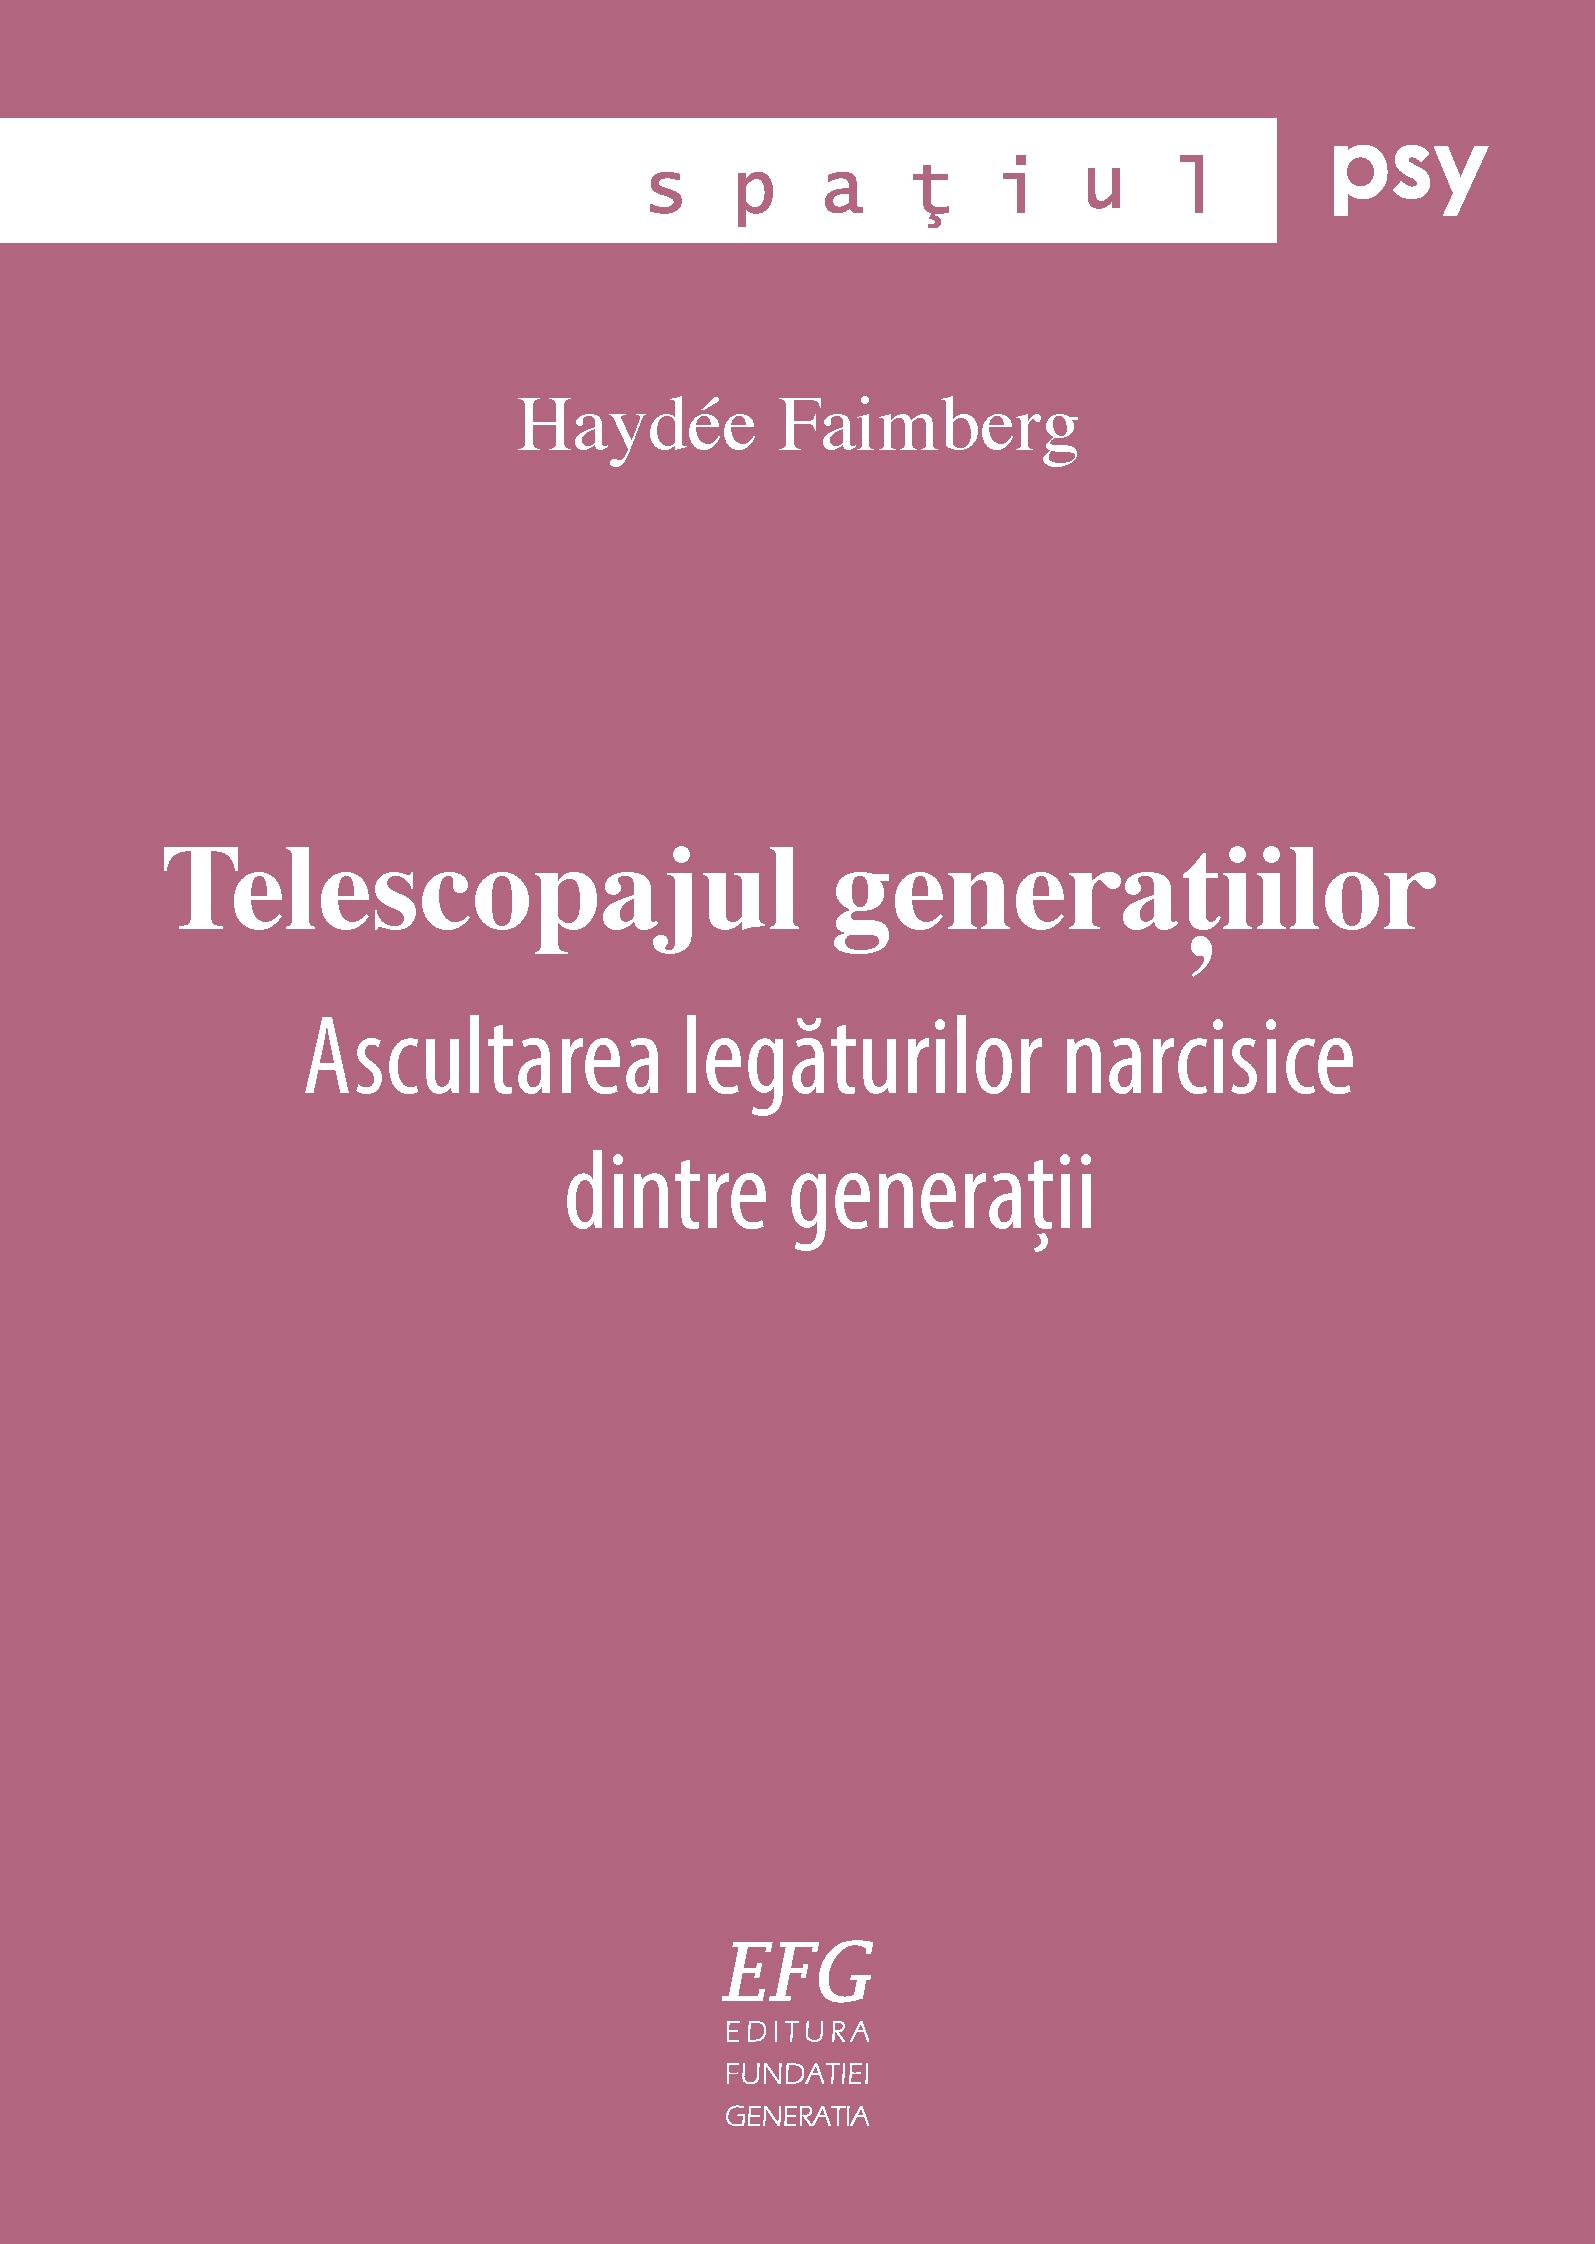 Telescopajul generațiilor: Ascultarea legăturilor narcisice dintre generații